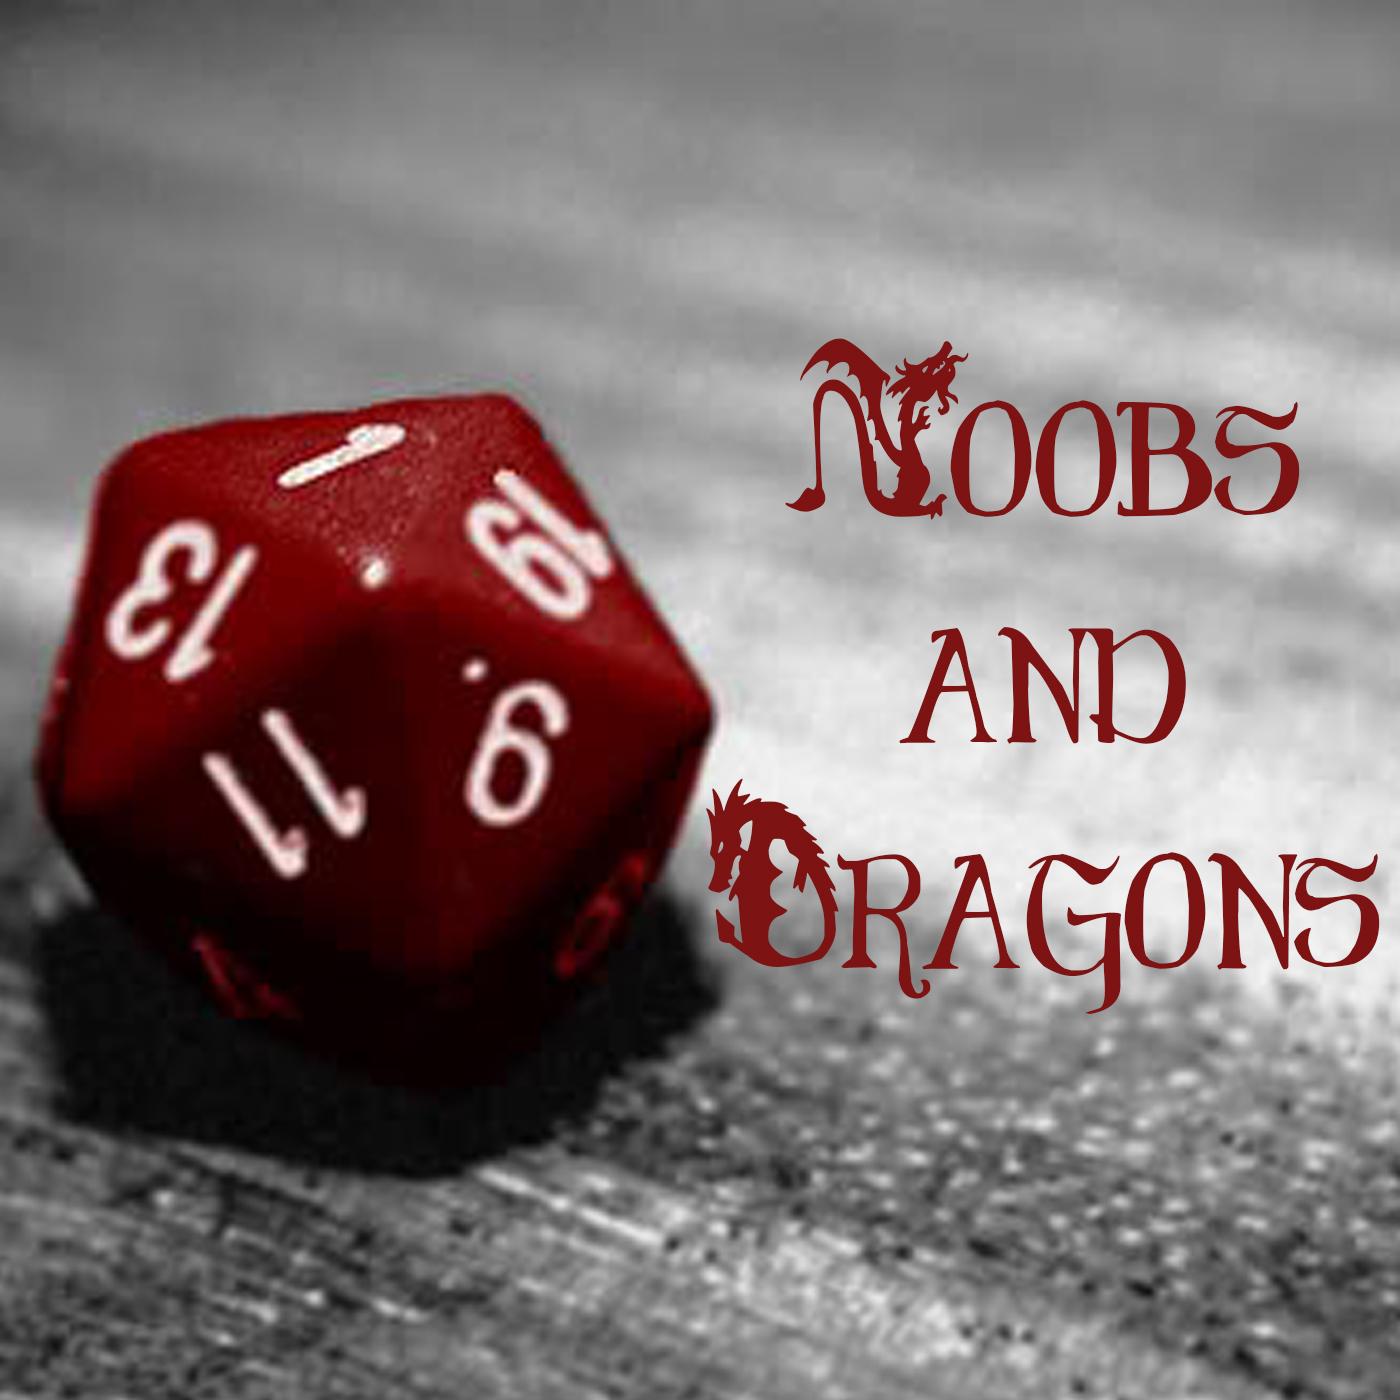 Noobs and Dragons logo.jpg